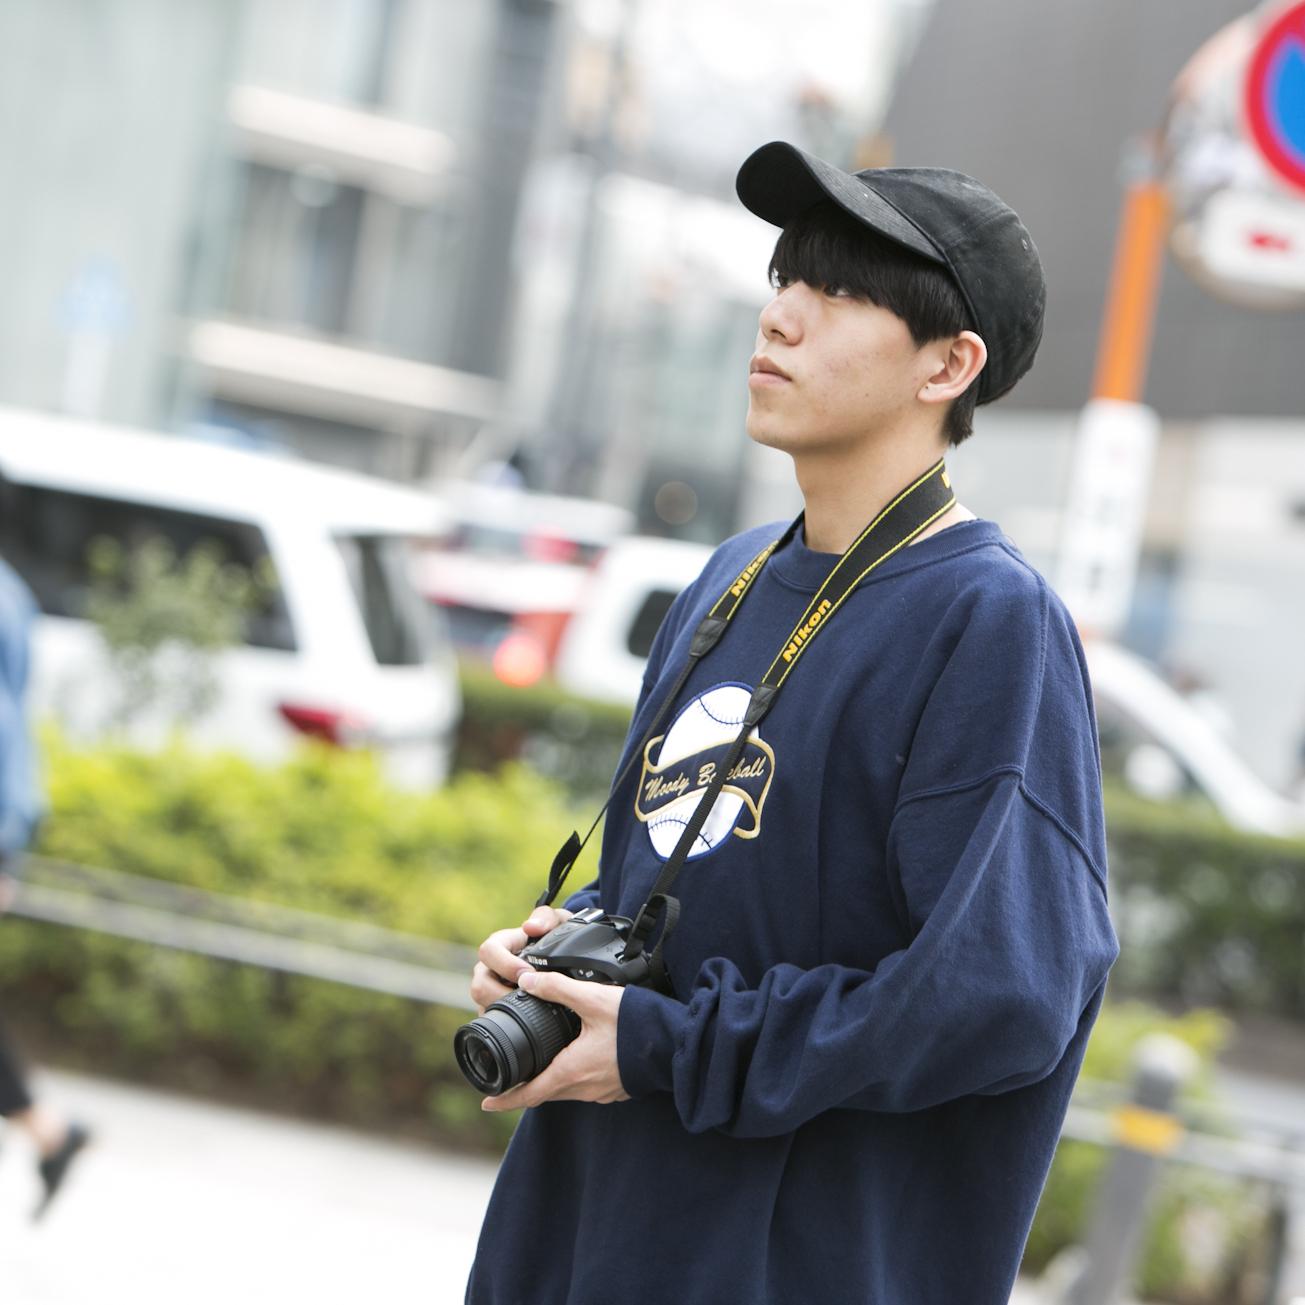 19歳・滉太「今日はラフな感じだけど、もっと大人っぽくなりたい」【18-22 SNAP #021】